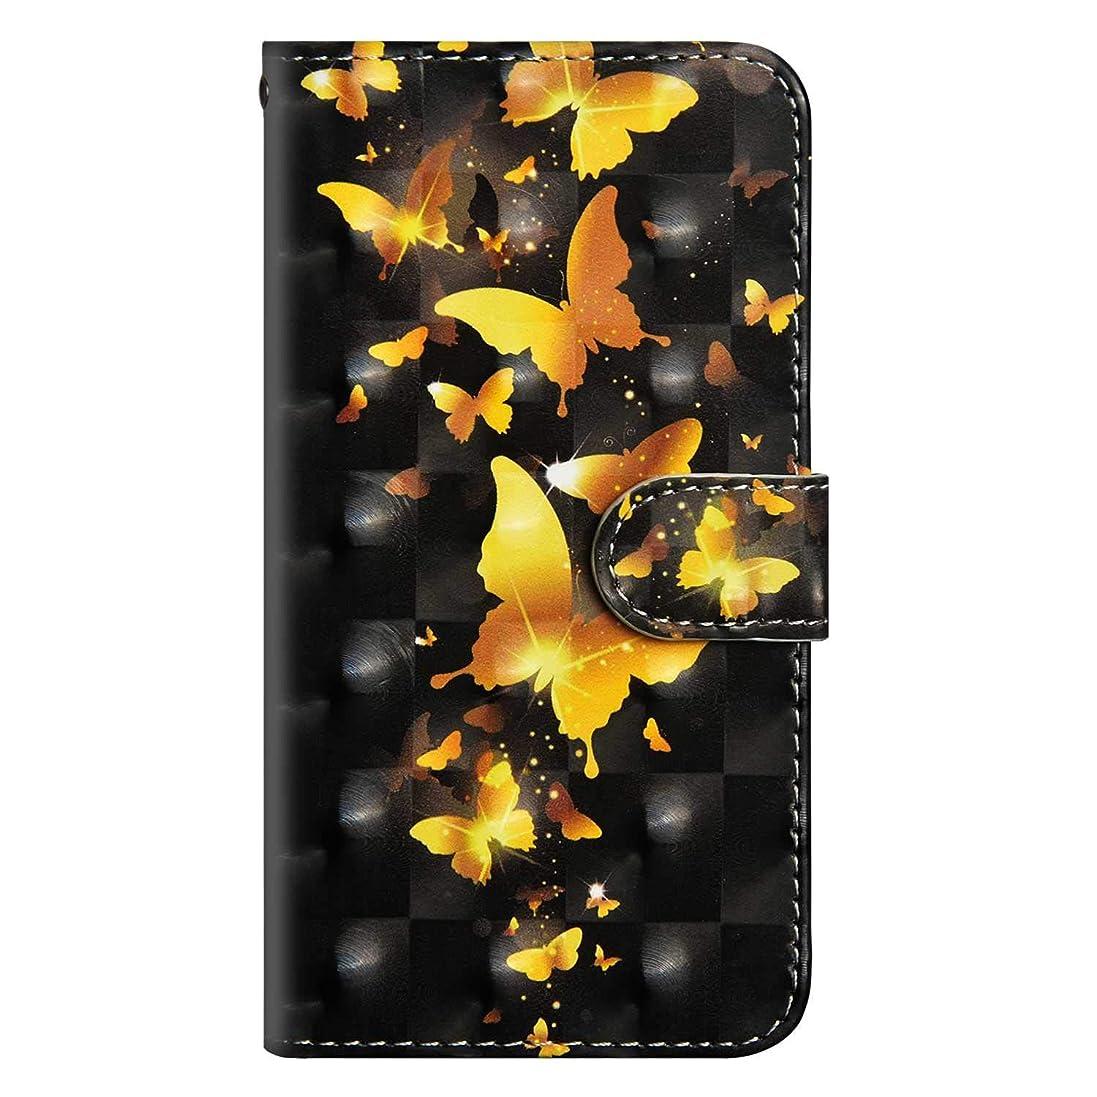 休暇タービン氏OMATENTI Huawei Mate 20 Plus ケース レザー 手帳 軽量 マグネット式磁気吸着 手帳ケース カード収納 スタンド機能 ファーウェイスマホケース アニメ柄 花柄(柄1)